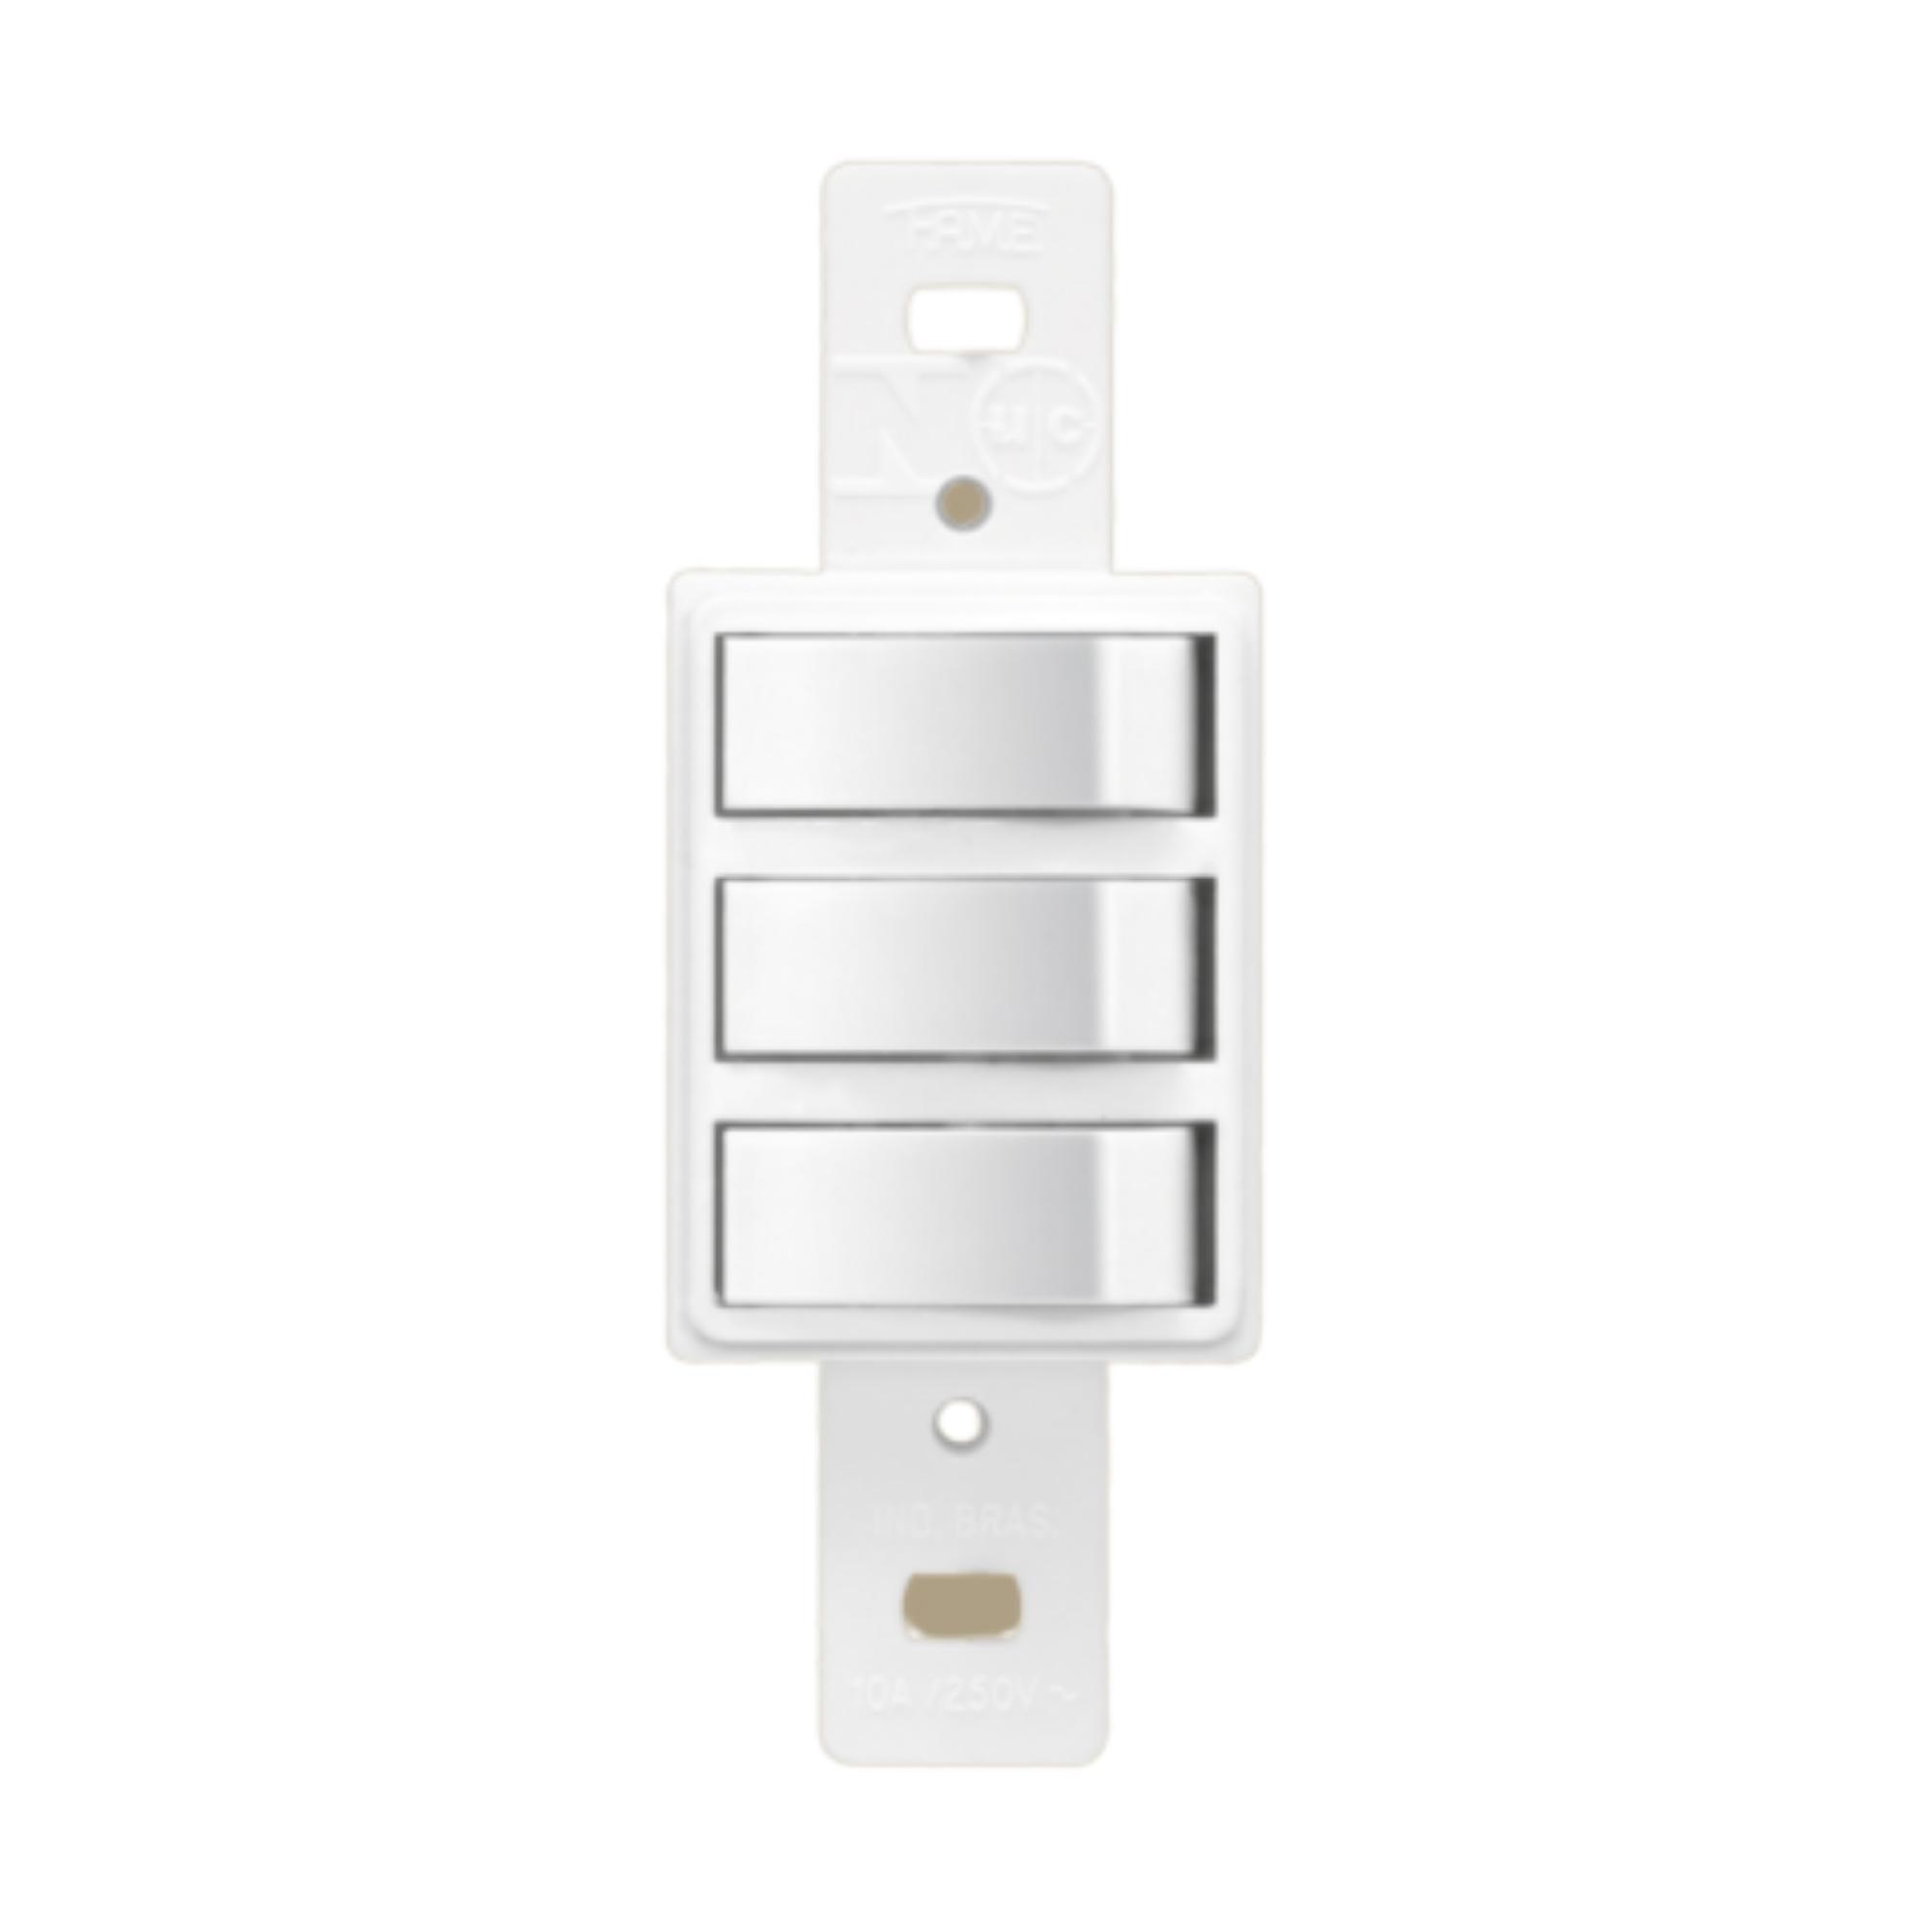 Blanc 3 Seções de Interruptor Simples Sem Placa